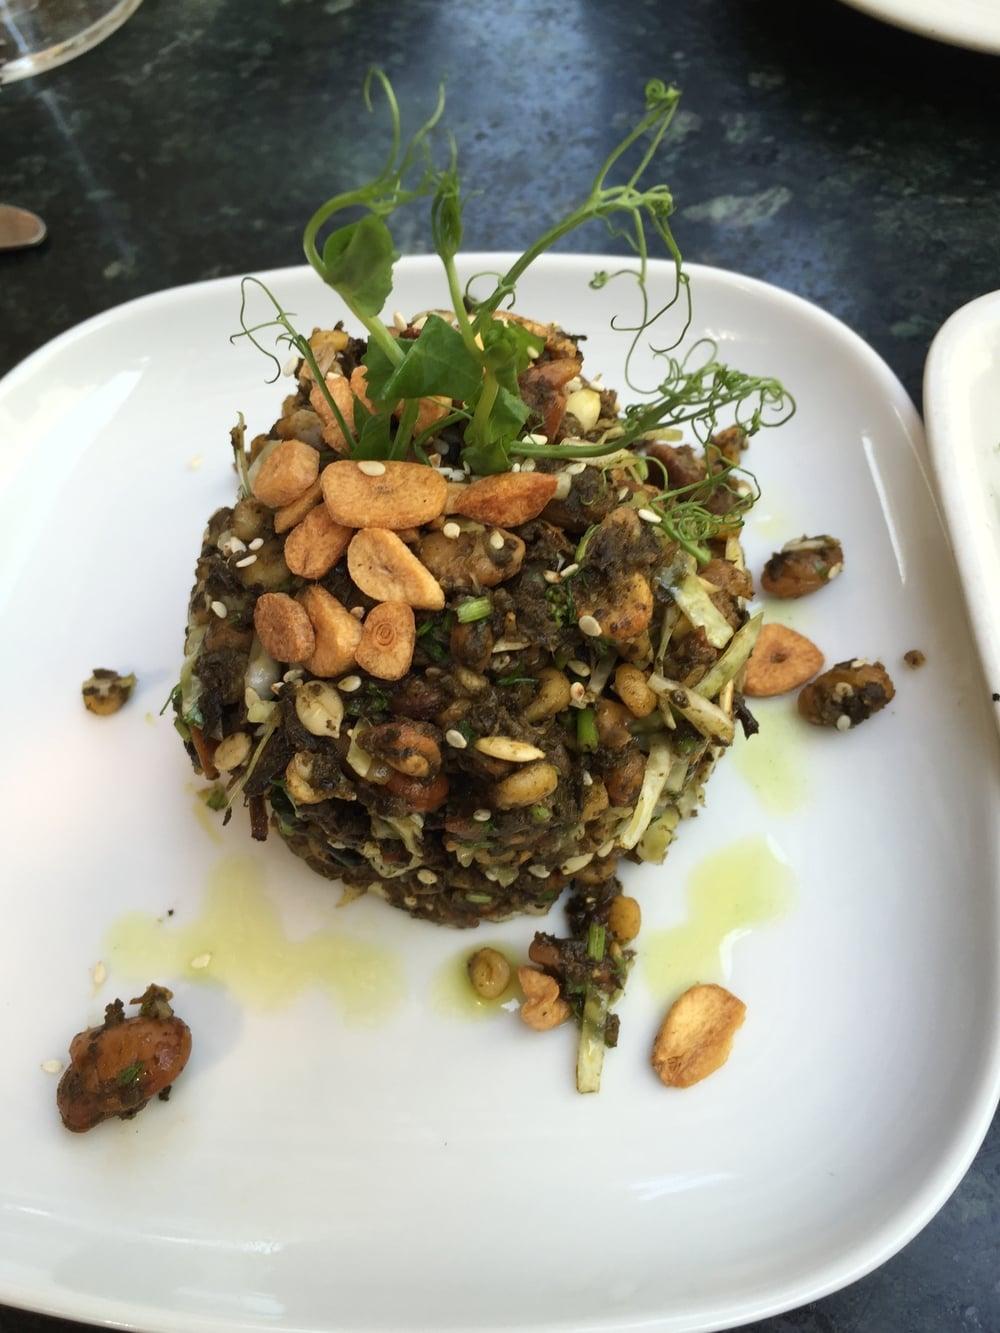 Pickled tea leaf salad with fried garlic